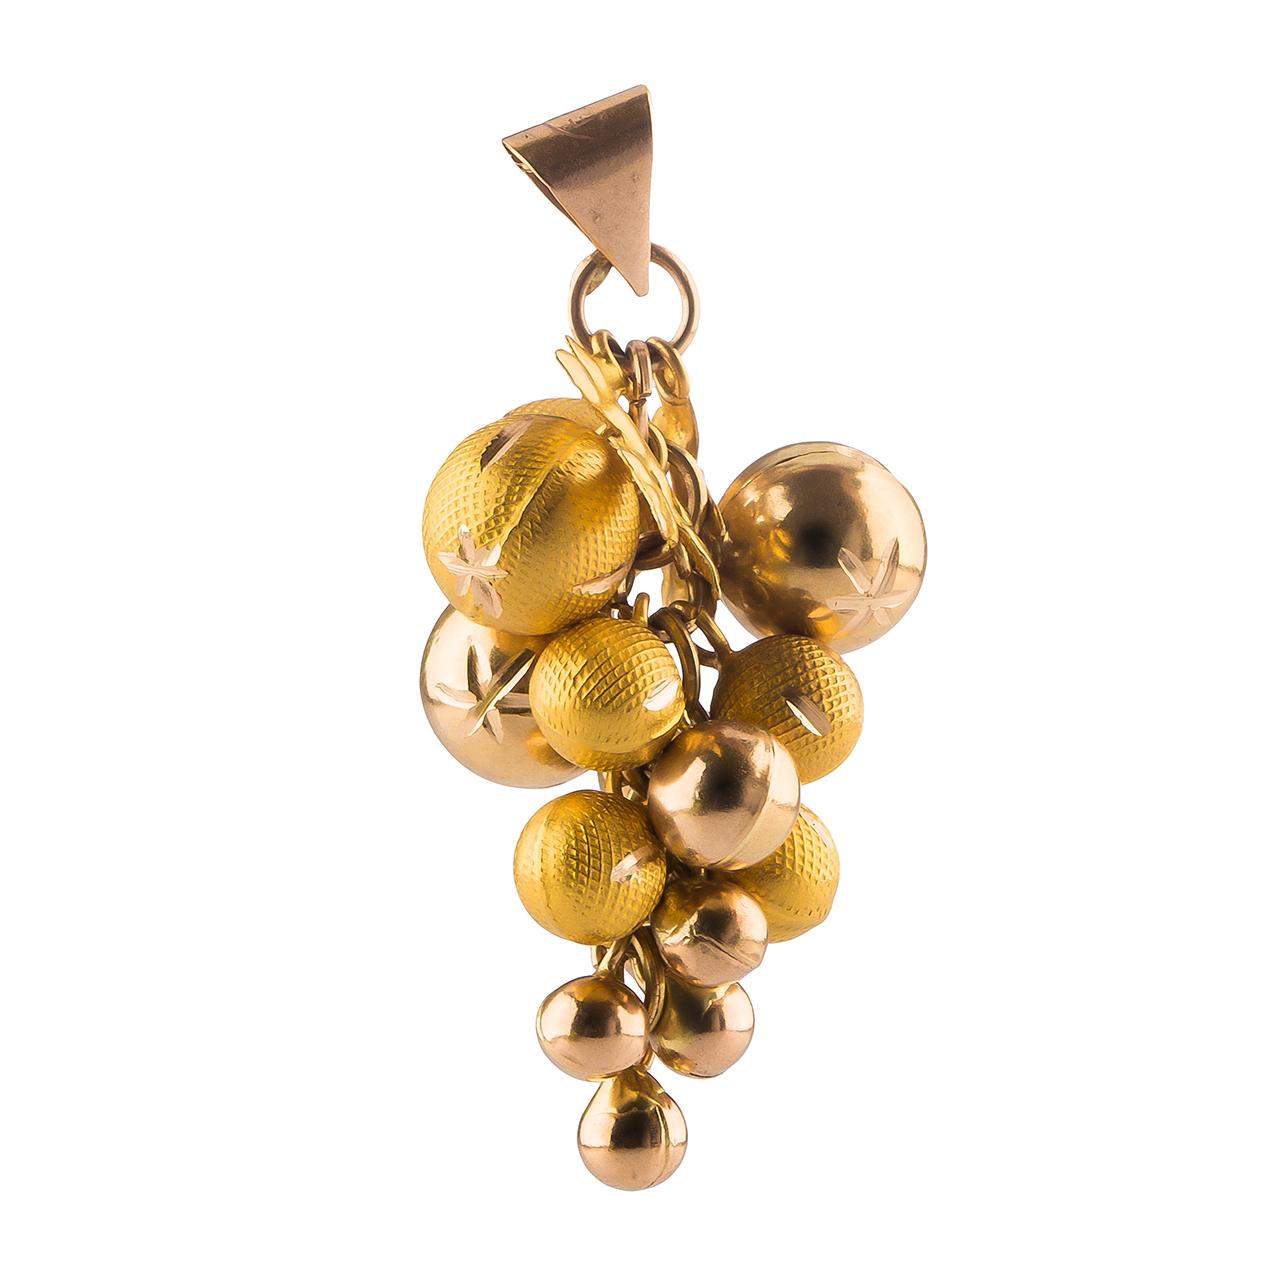 قیمت آویز گردنبند طلا 18 عیار گالری طلاچی مدل خوشه انگور